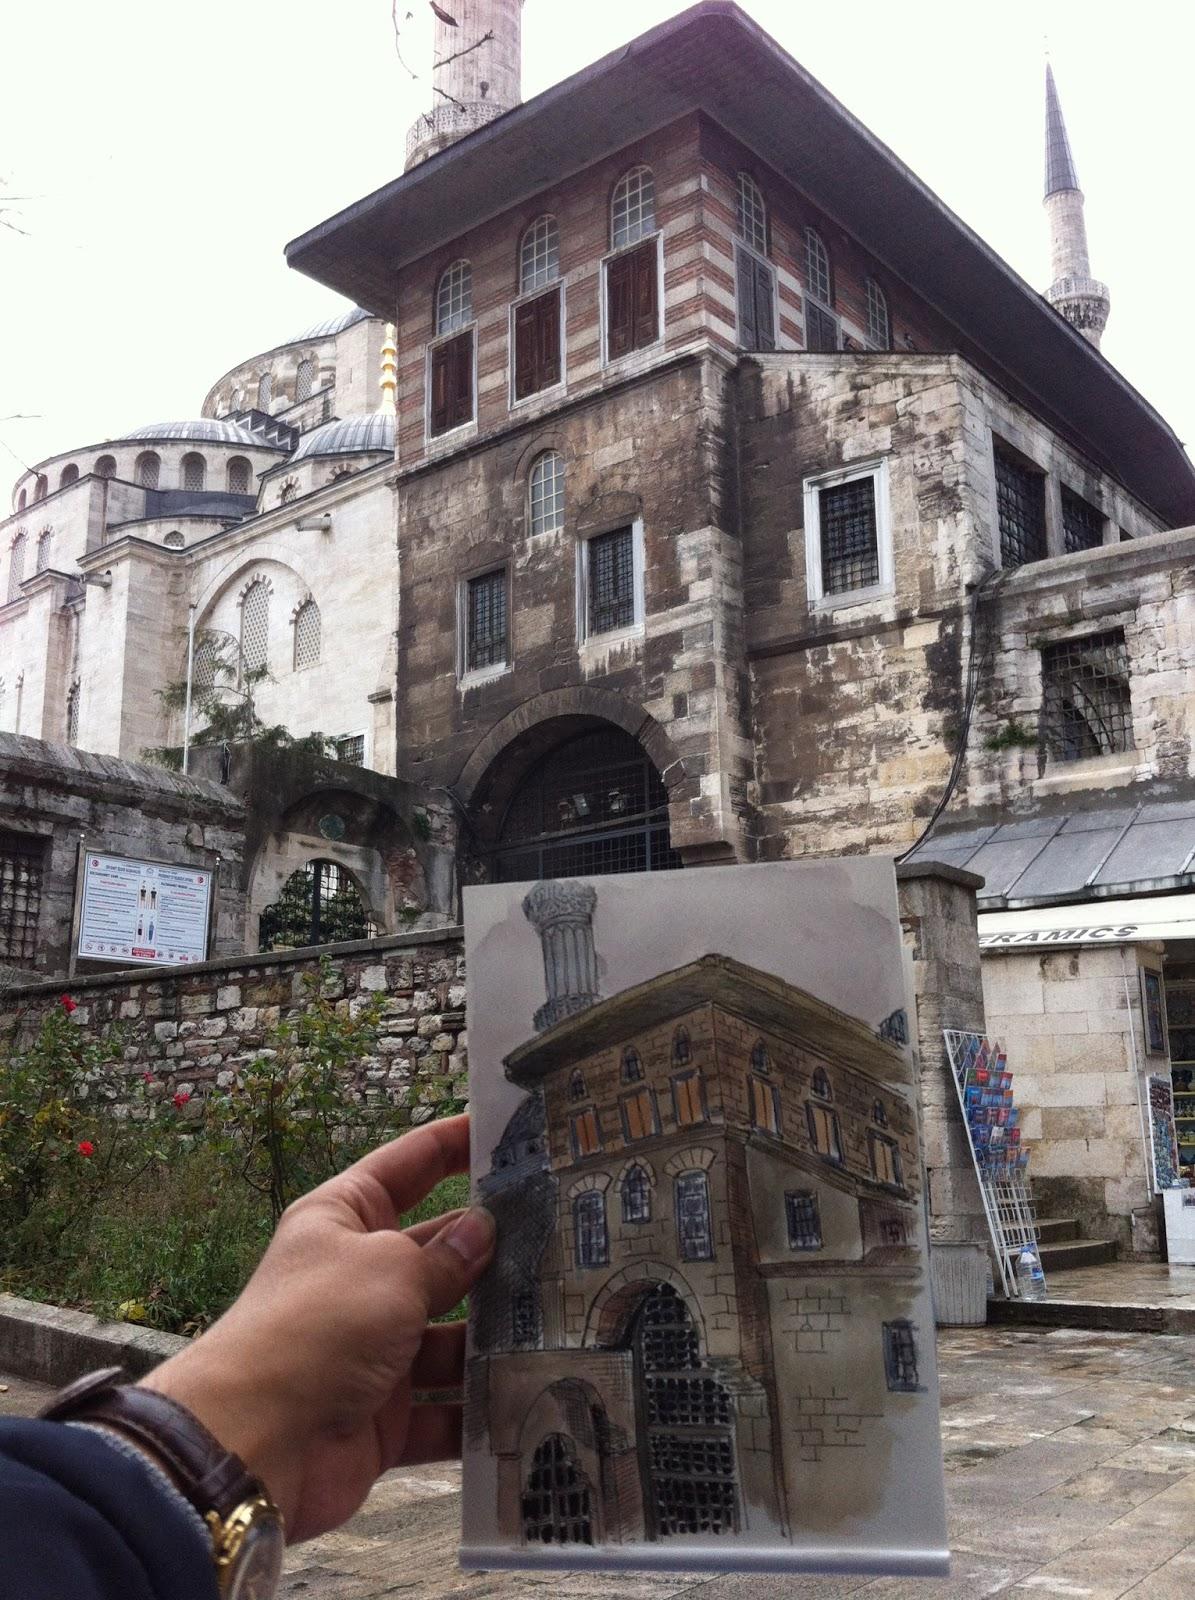 Yerinde çizer Sultanahmet çizim Günü 2